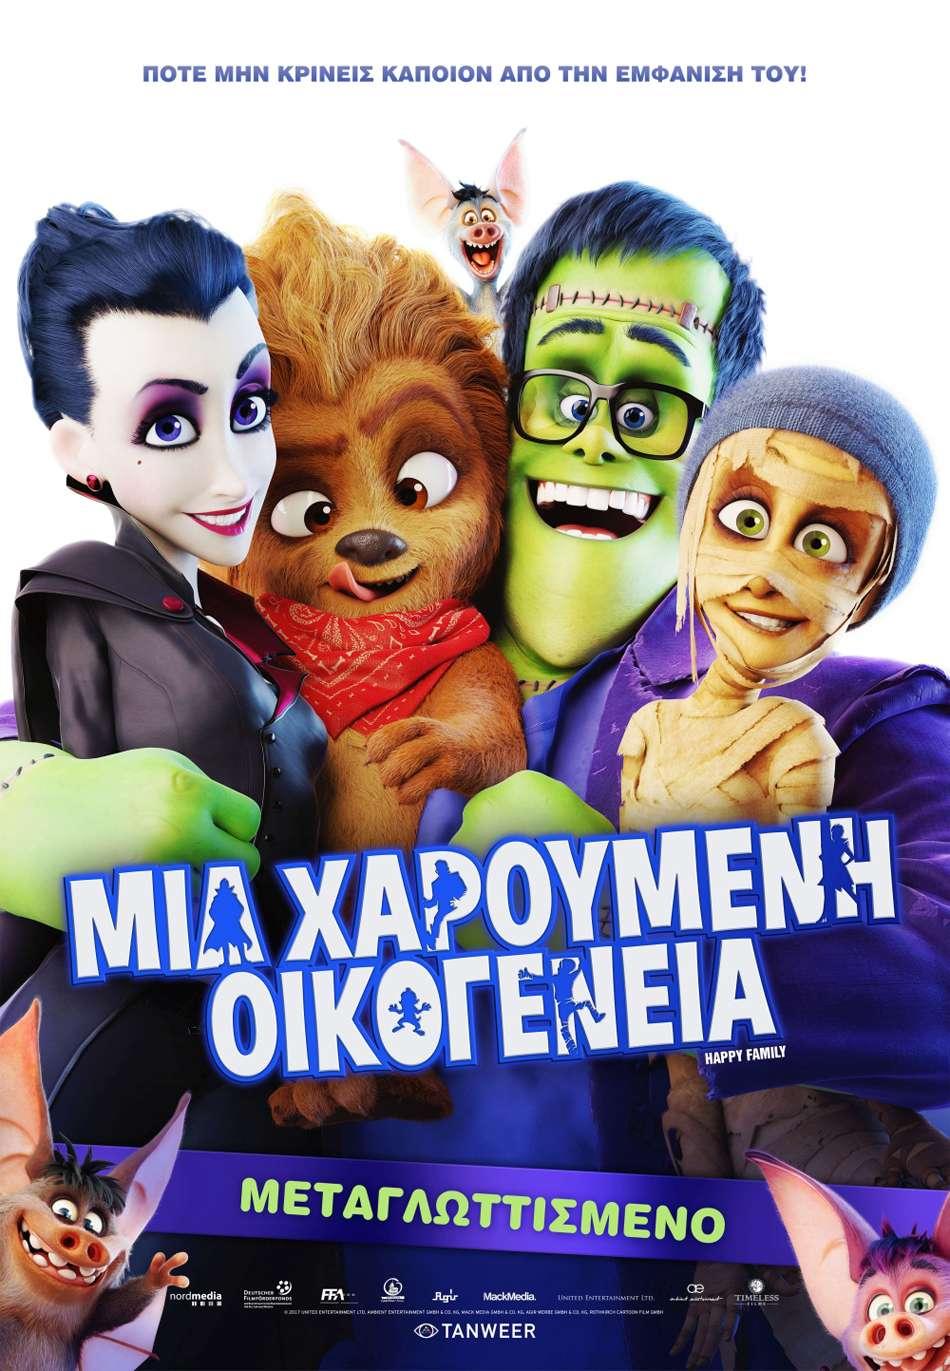 Μια Χαρούμενη Οικογένεια (Happy Family) Poster Πόστερ